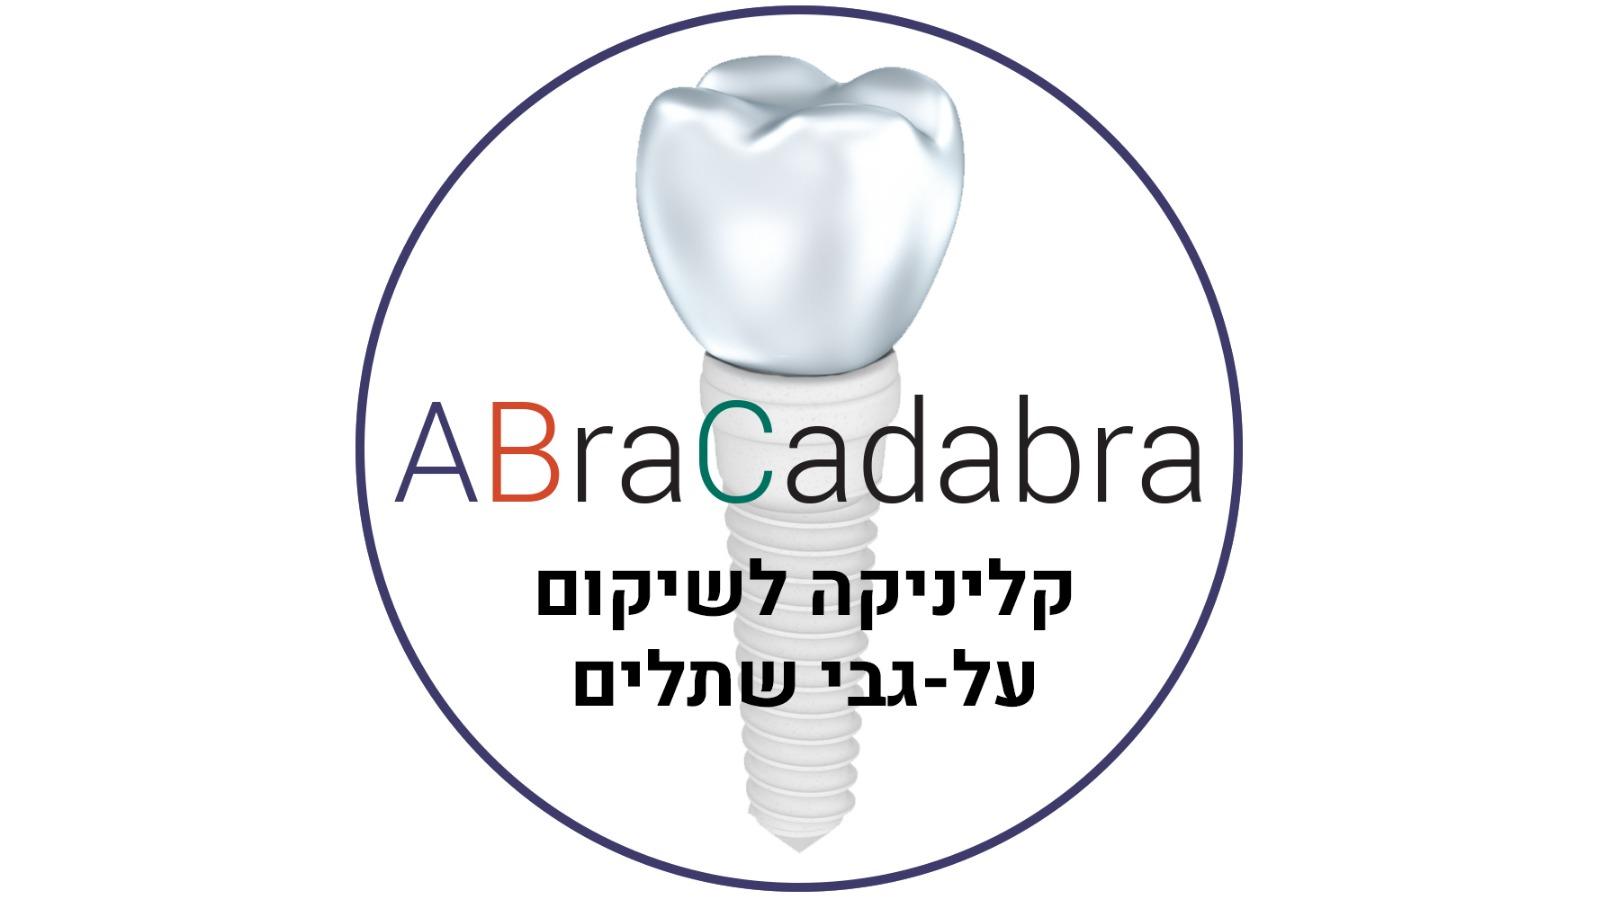 אברקדברה - ABraCadabra